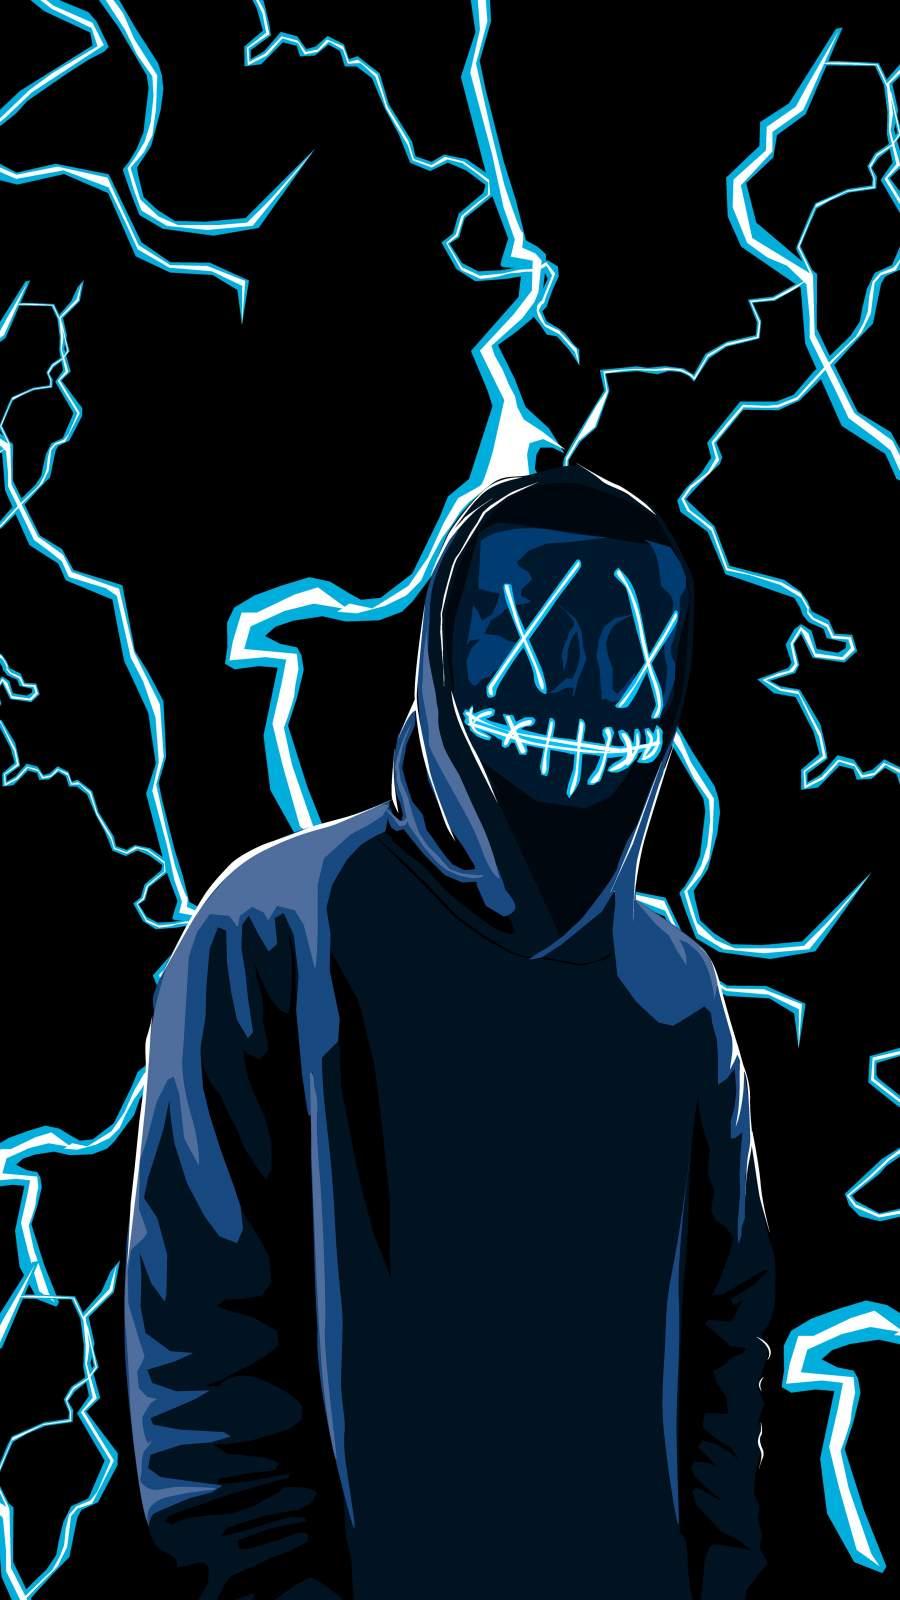 Neon Mask Guy Art